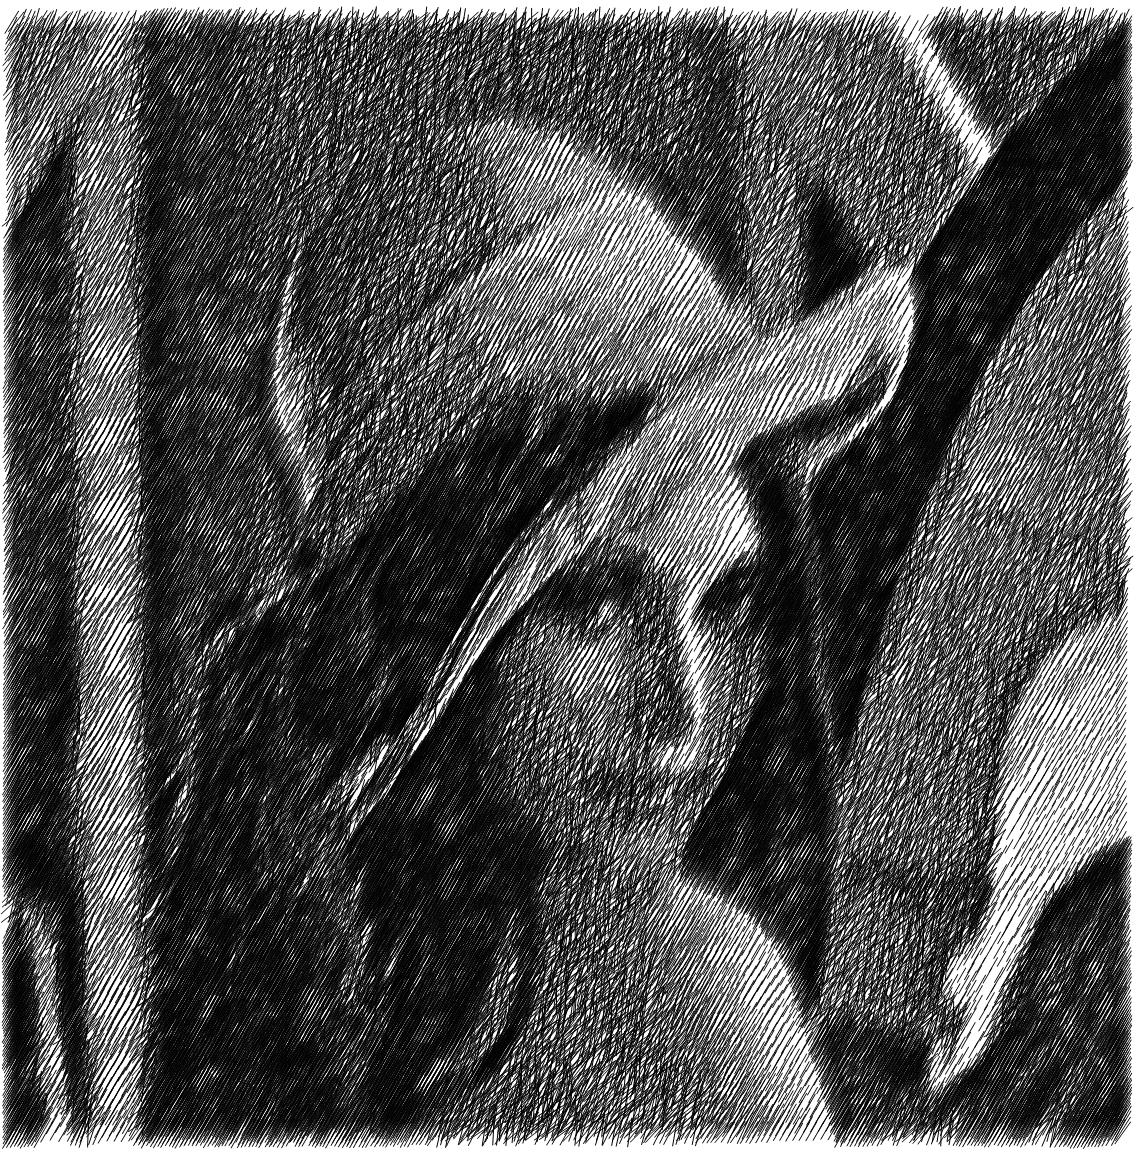 Lena sketch